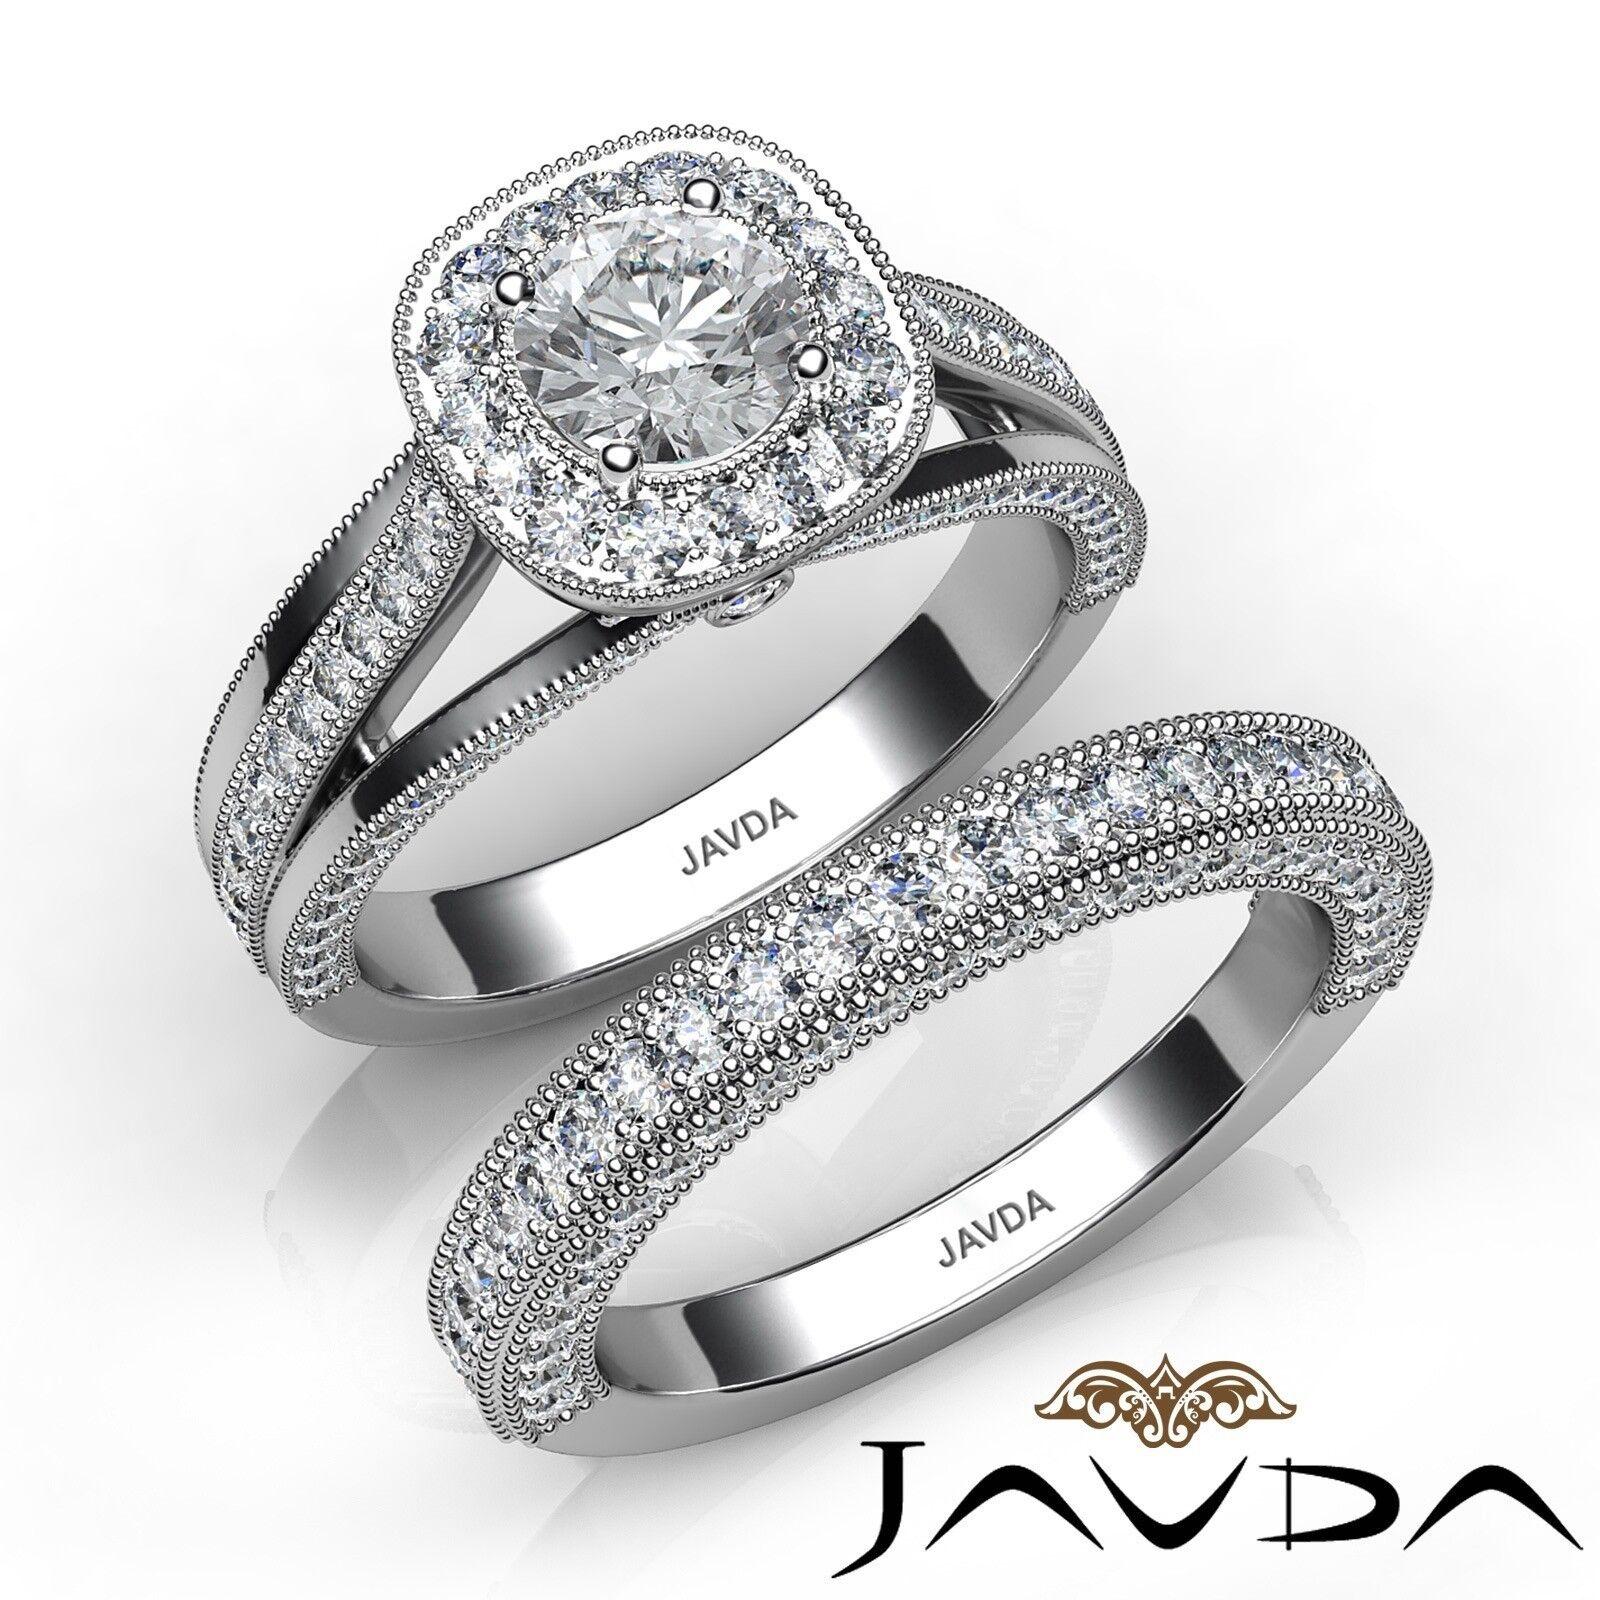 2.1ctw Milgrain Bridal Set Halo Round Diamond Engagement Ring GIA E-VVS2 W Gold